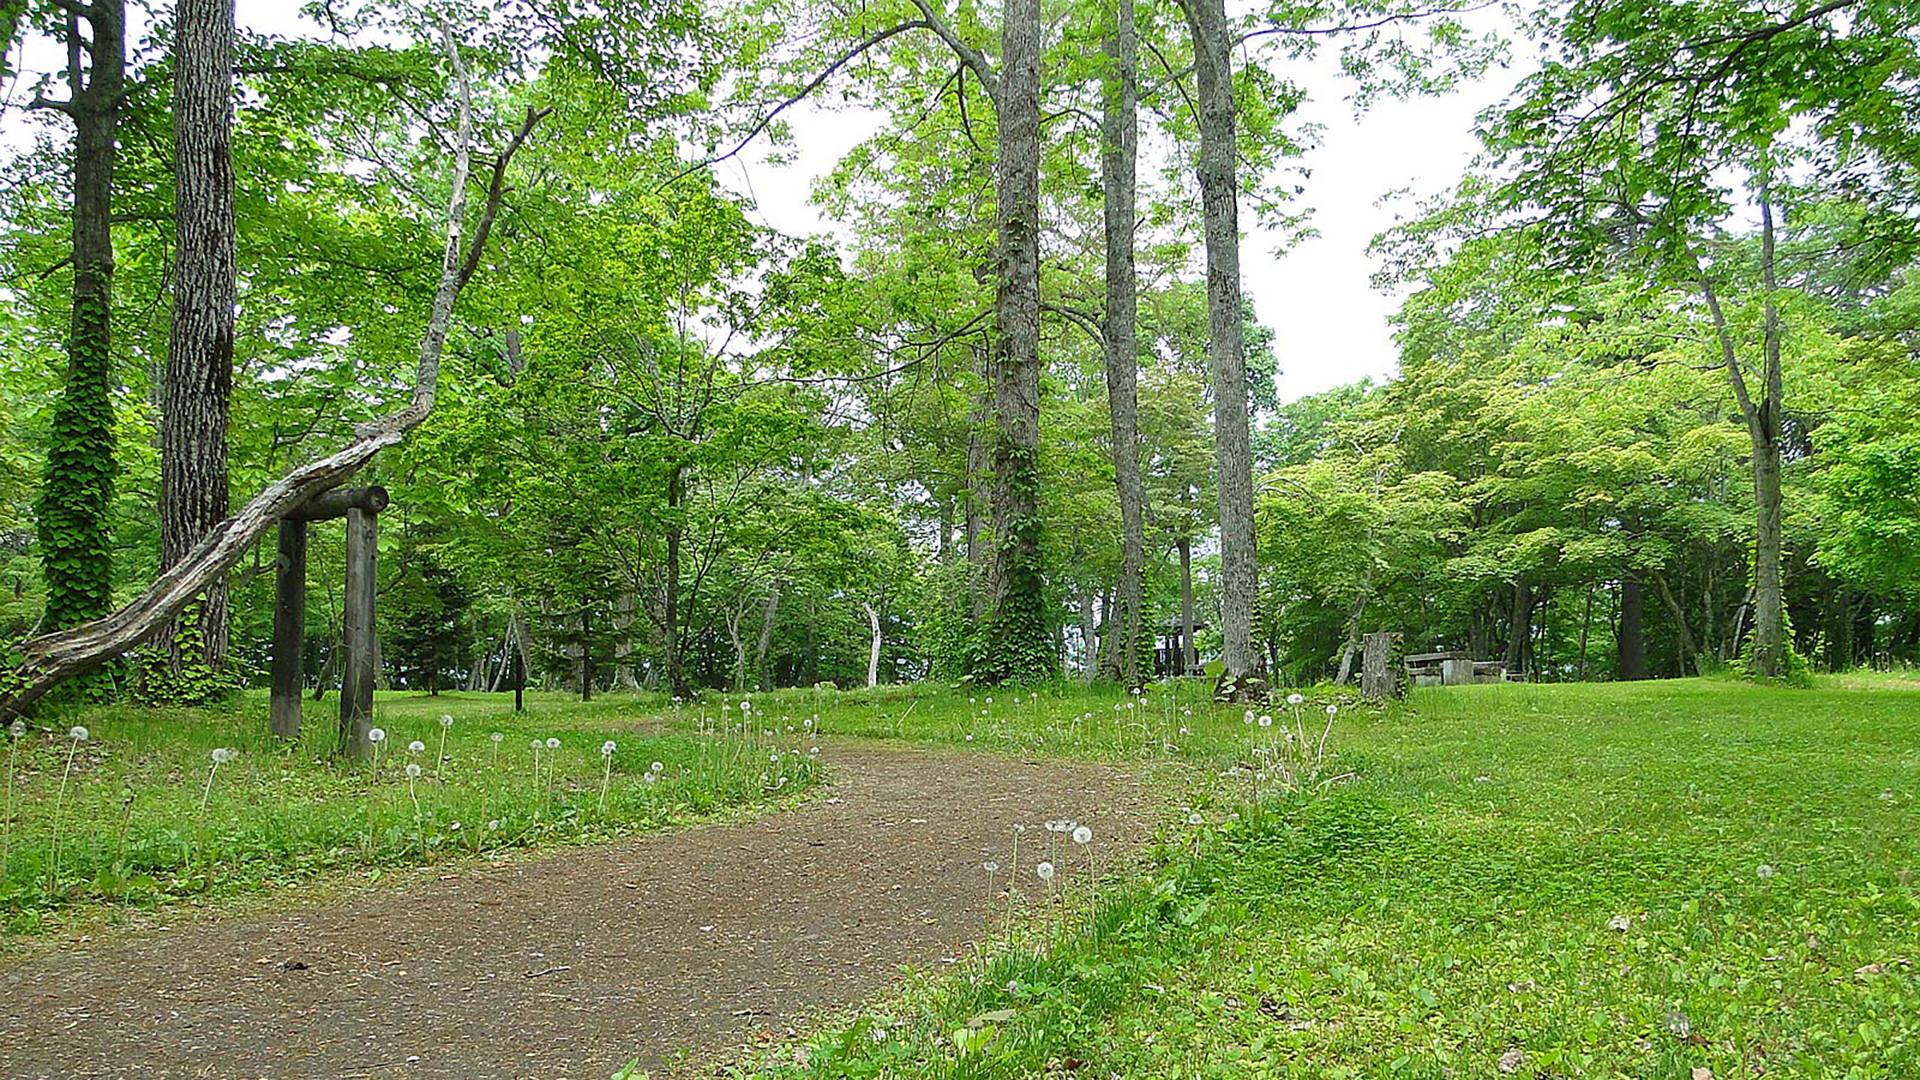 公園のバーチャル背景画像です